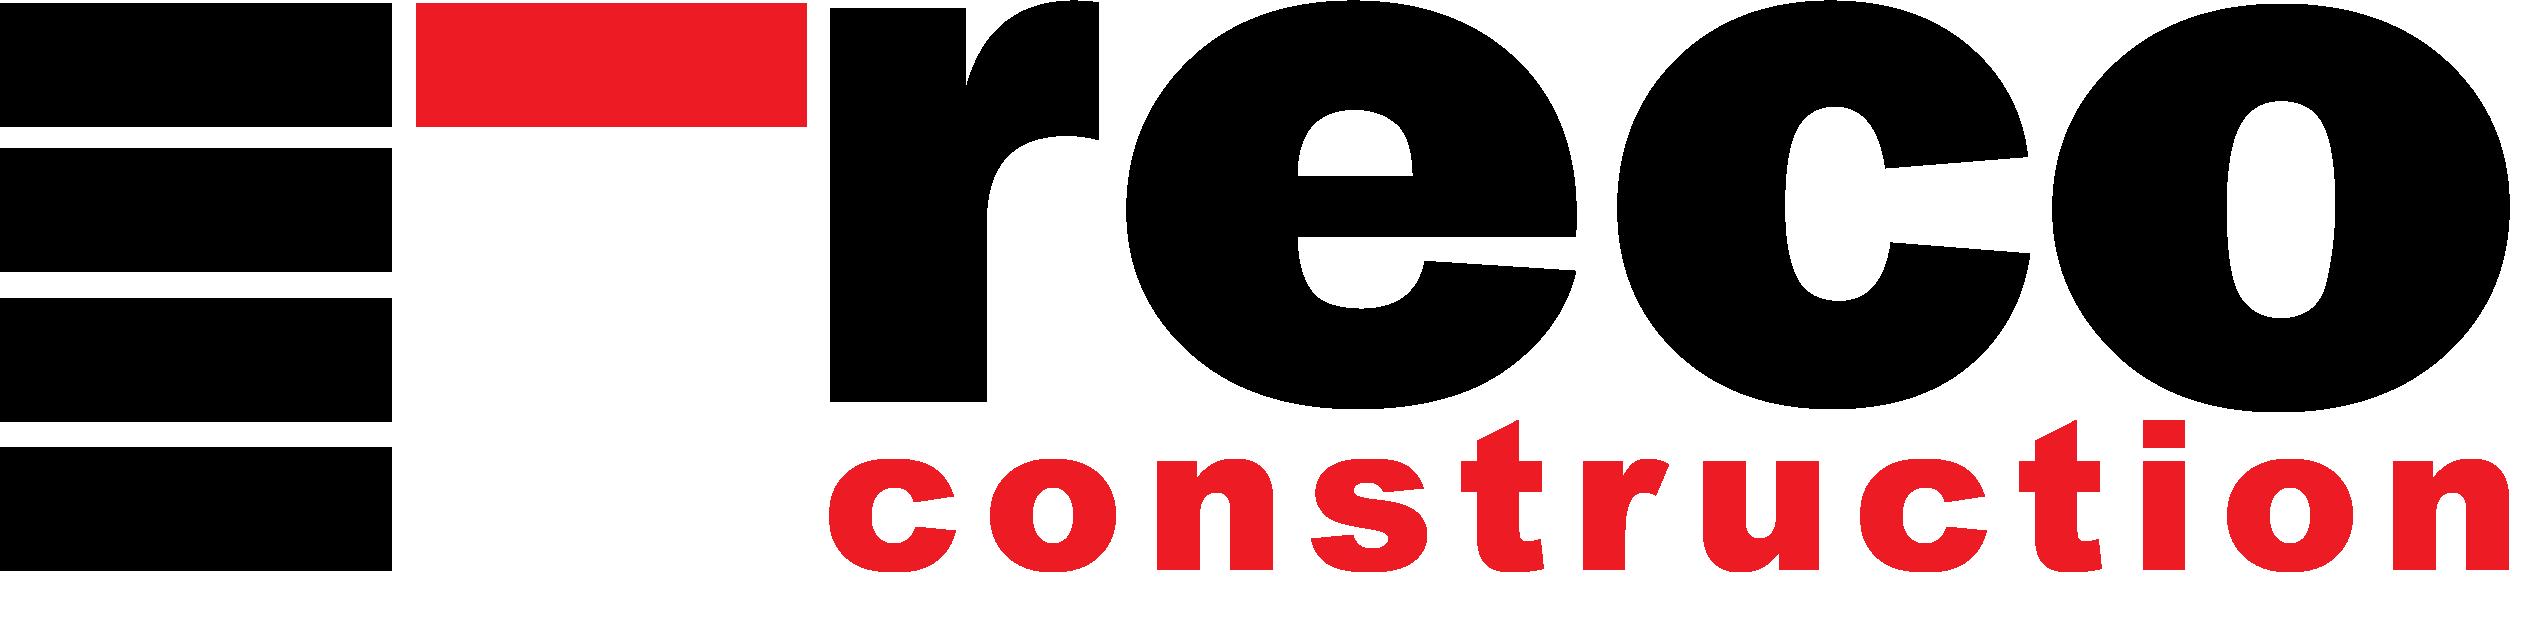 357 Incorporated DBA Reco Enterprises-logo